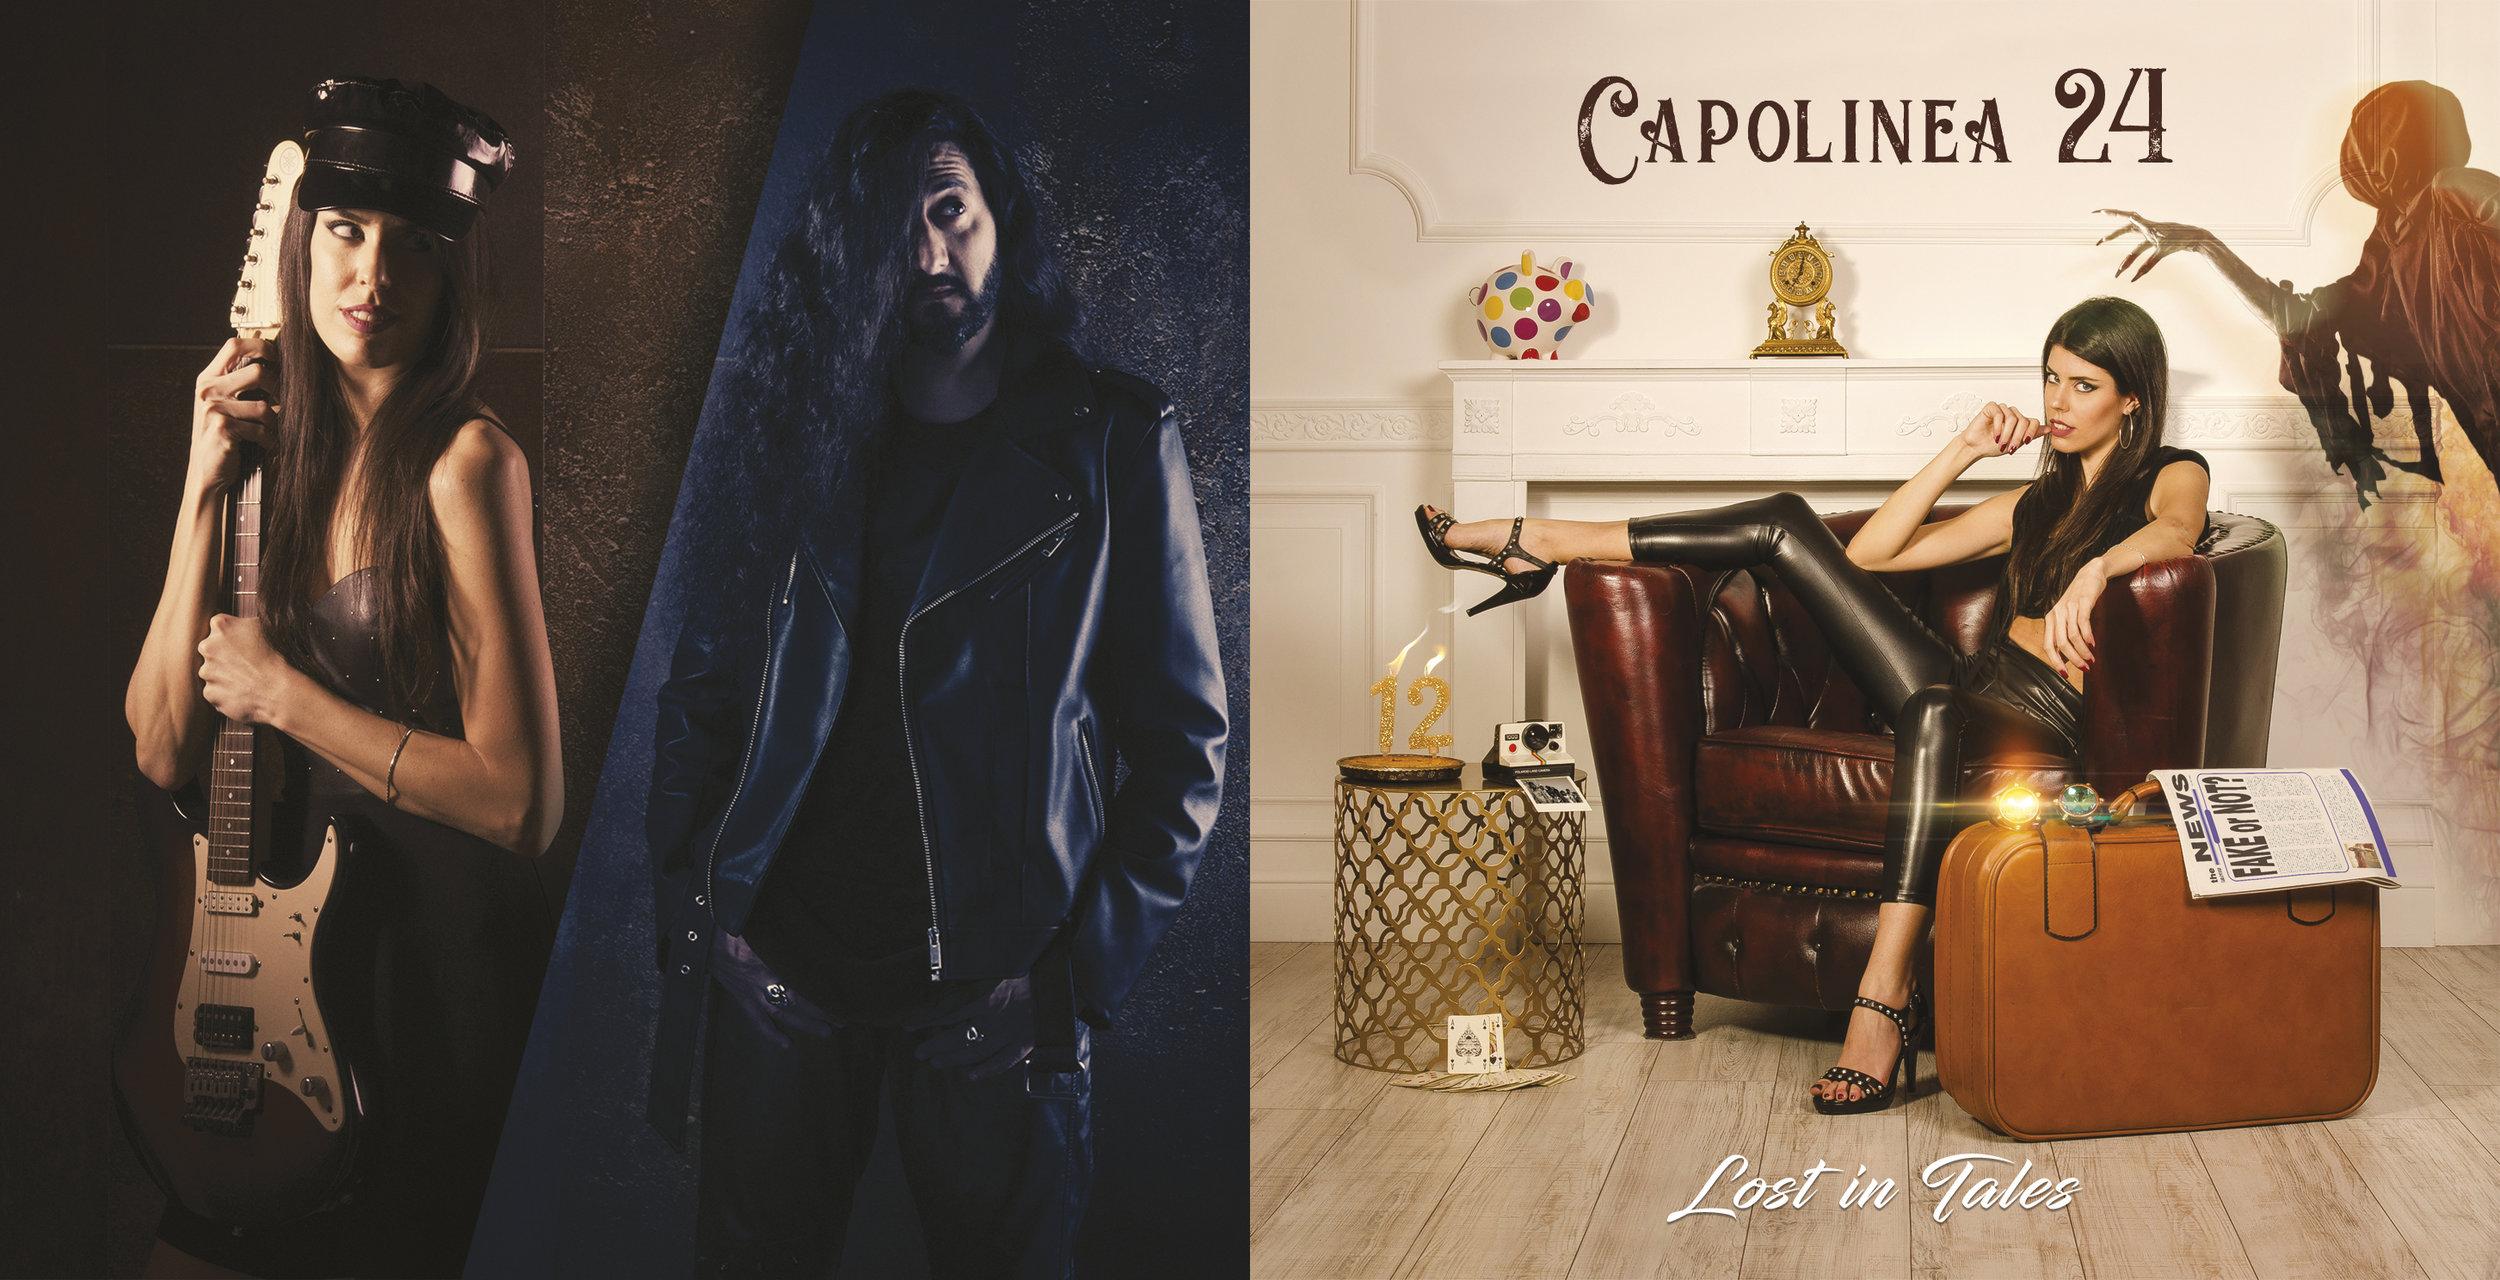 foto per il cd dei Capolinea 24, Lost In Tales